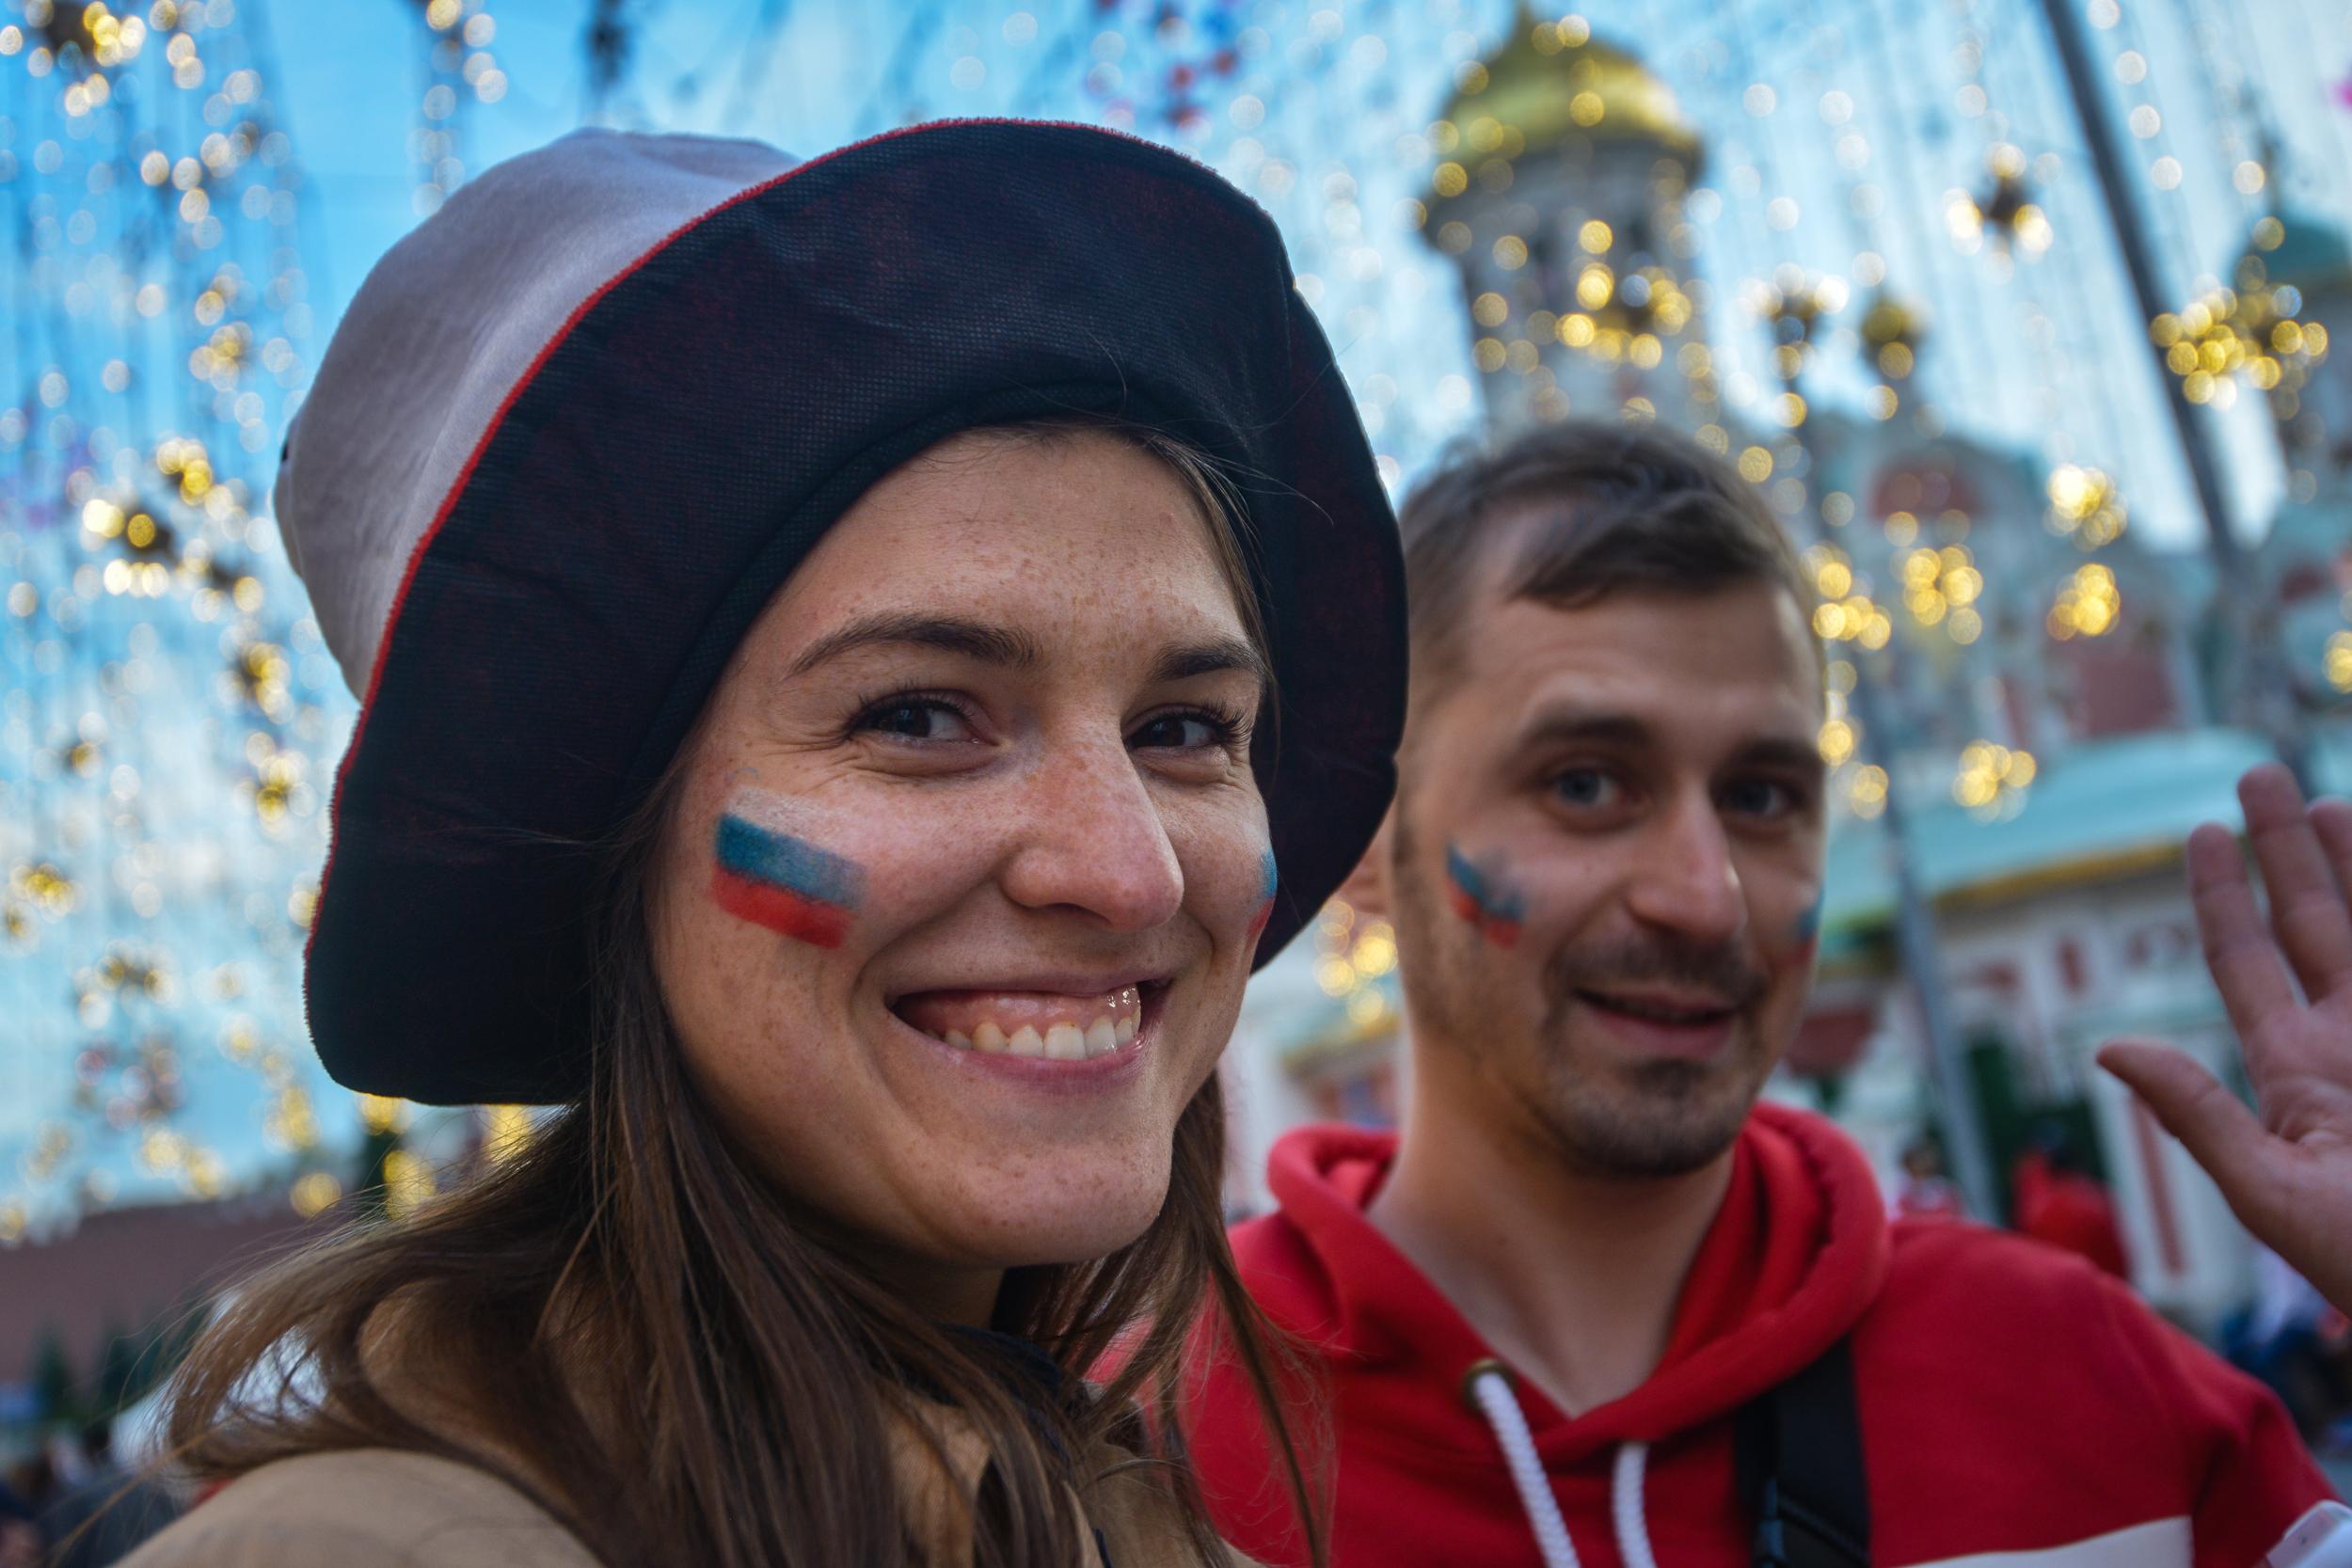 Немерюк: Посмотреть матчи ЧМ можно в 5 тыс городских кафе столицы